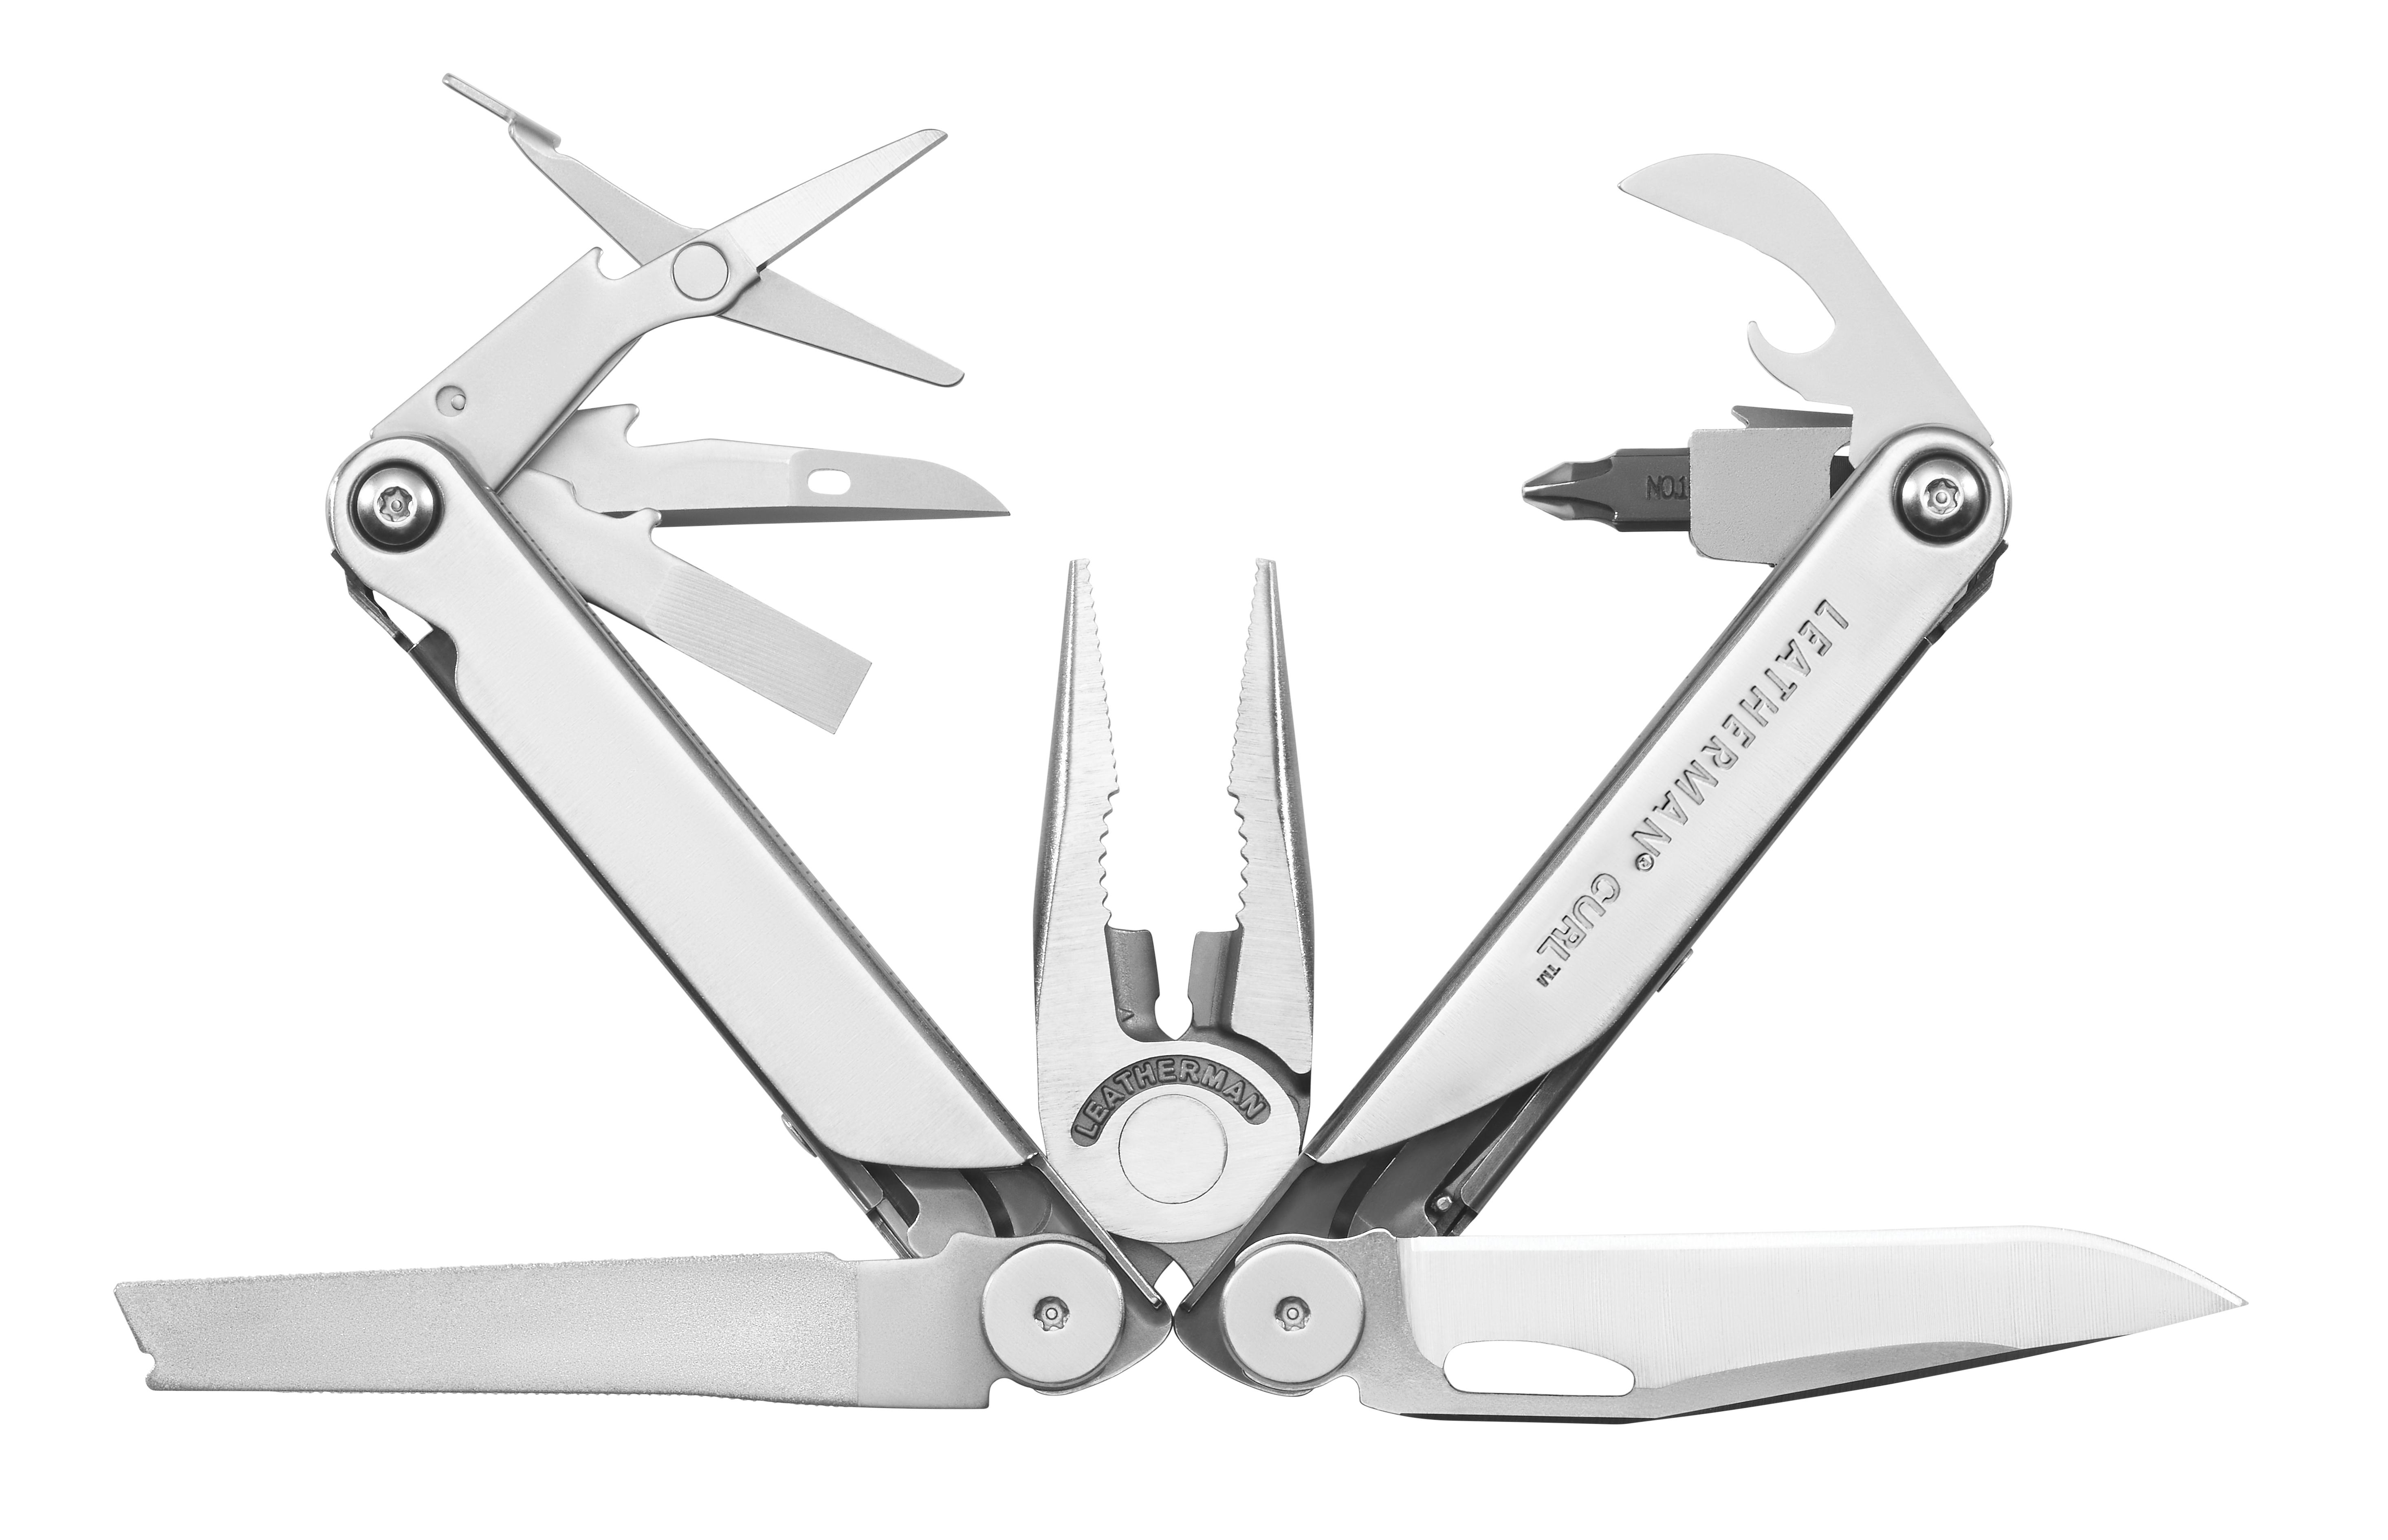 Leatherman The Curl multitool - full toolkit